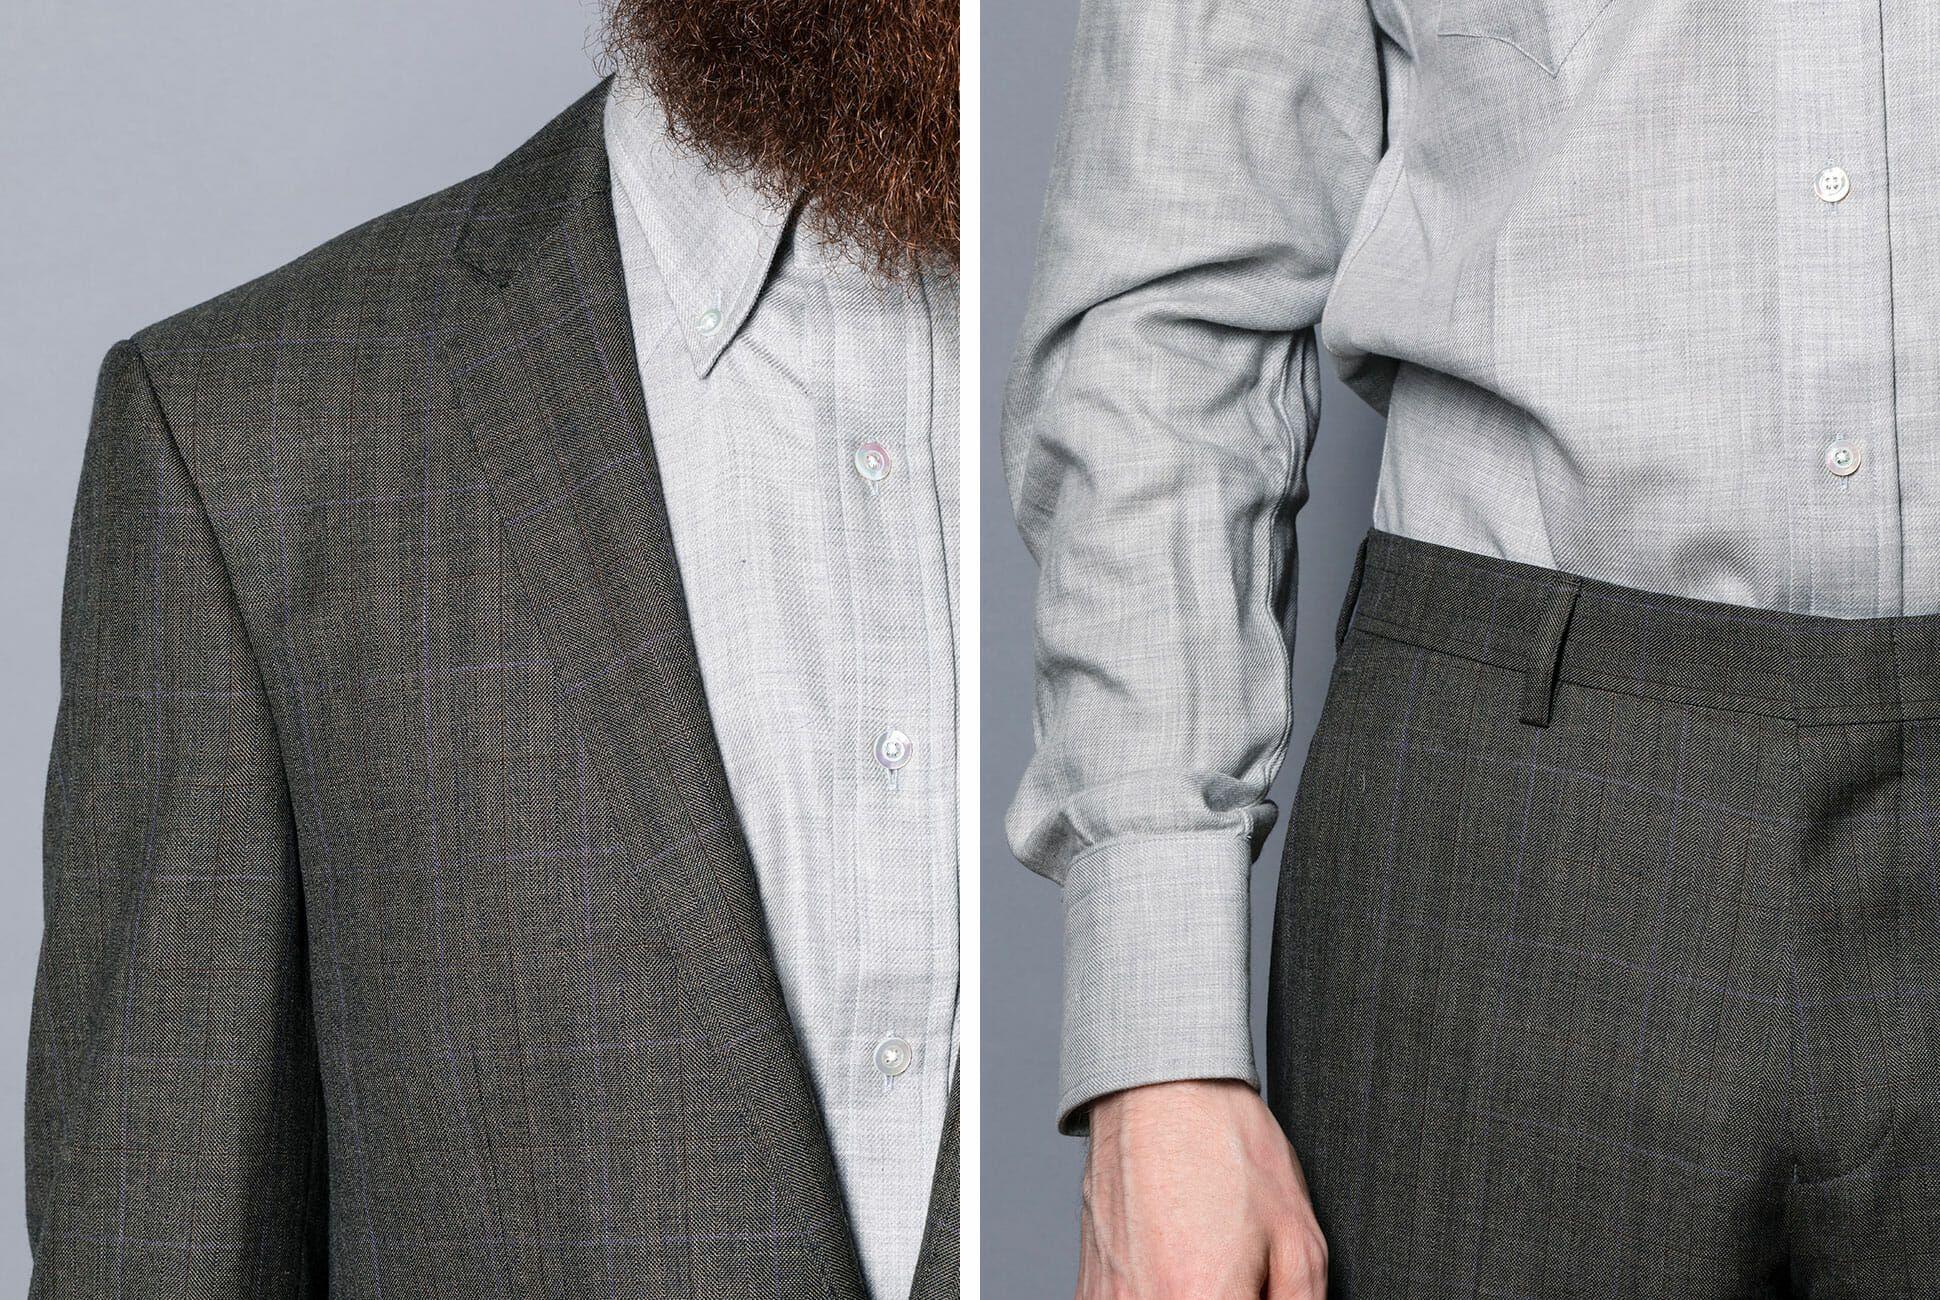 10-best-suits-under-1k-gear-patrol-editor-pick-jcrew-2